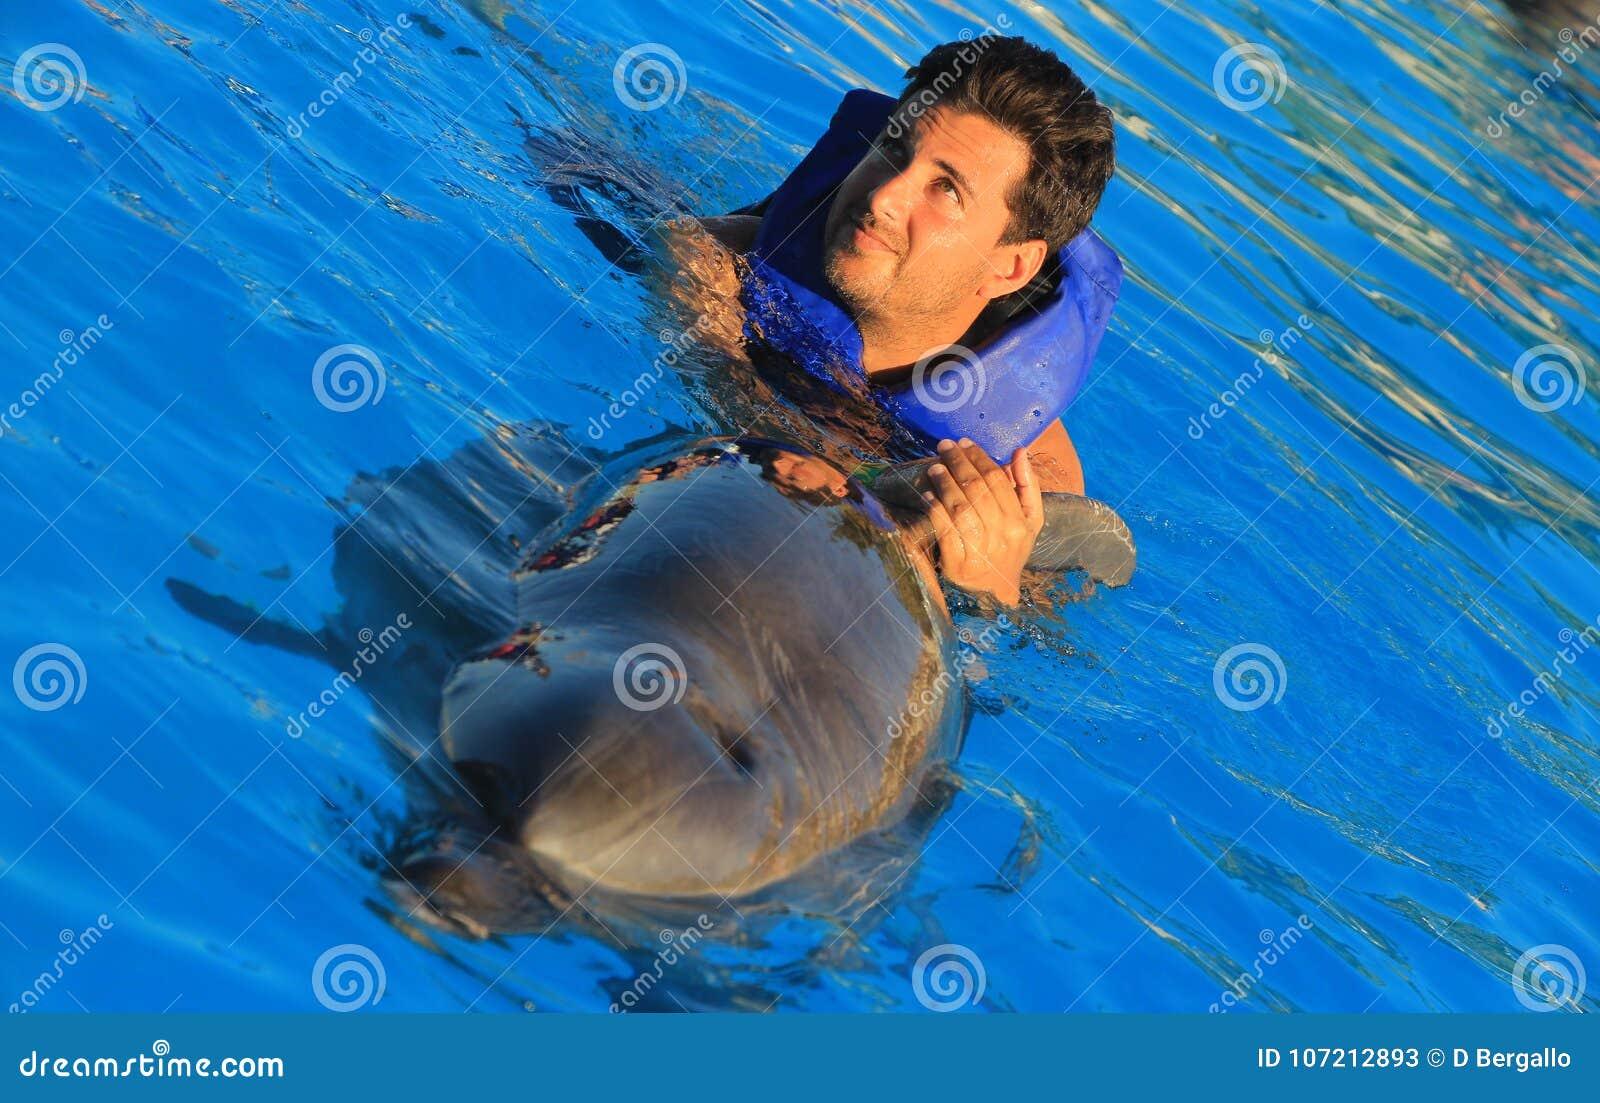 嫉妒与一个华美的海豚鸭脚板微笑的面孔愉快的孩子游泳瓶鼻子海豚的人游泳